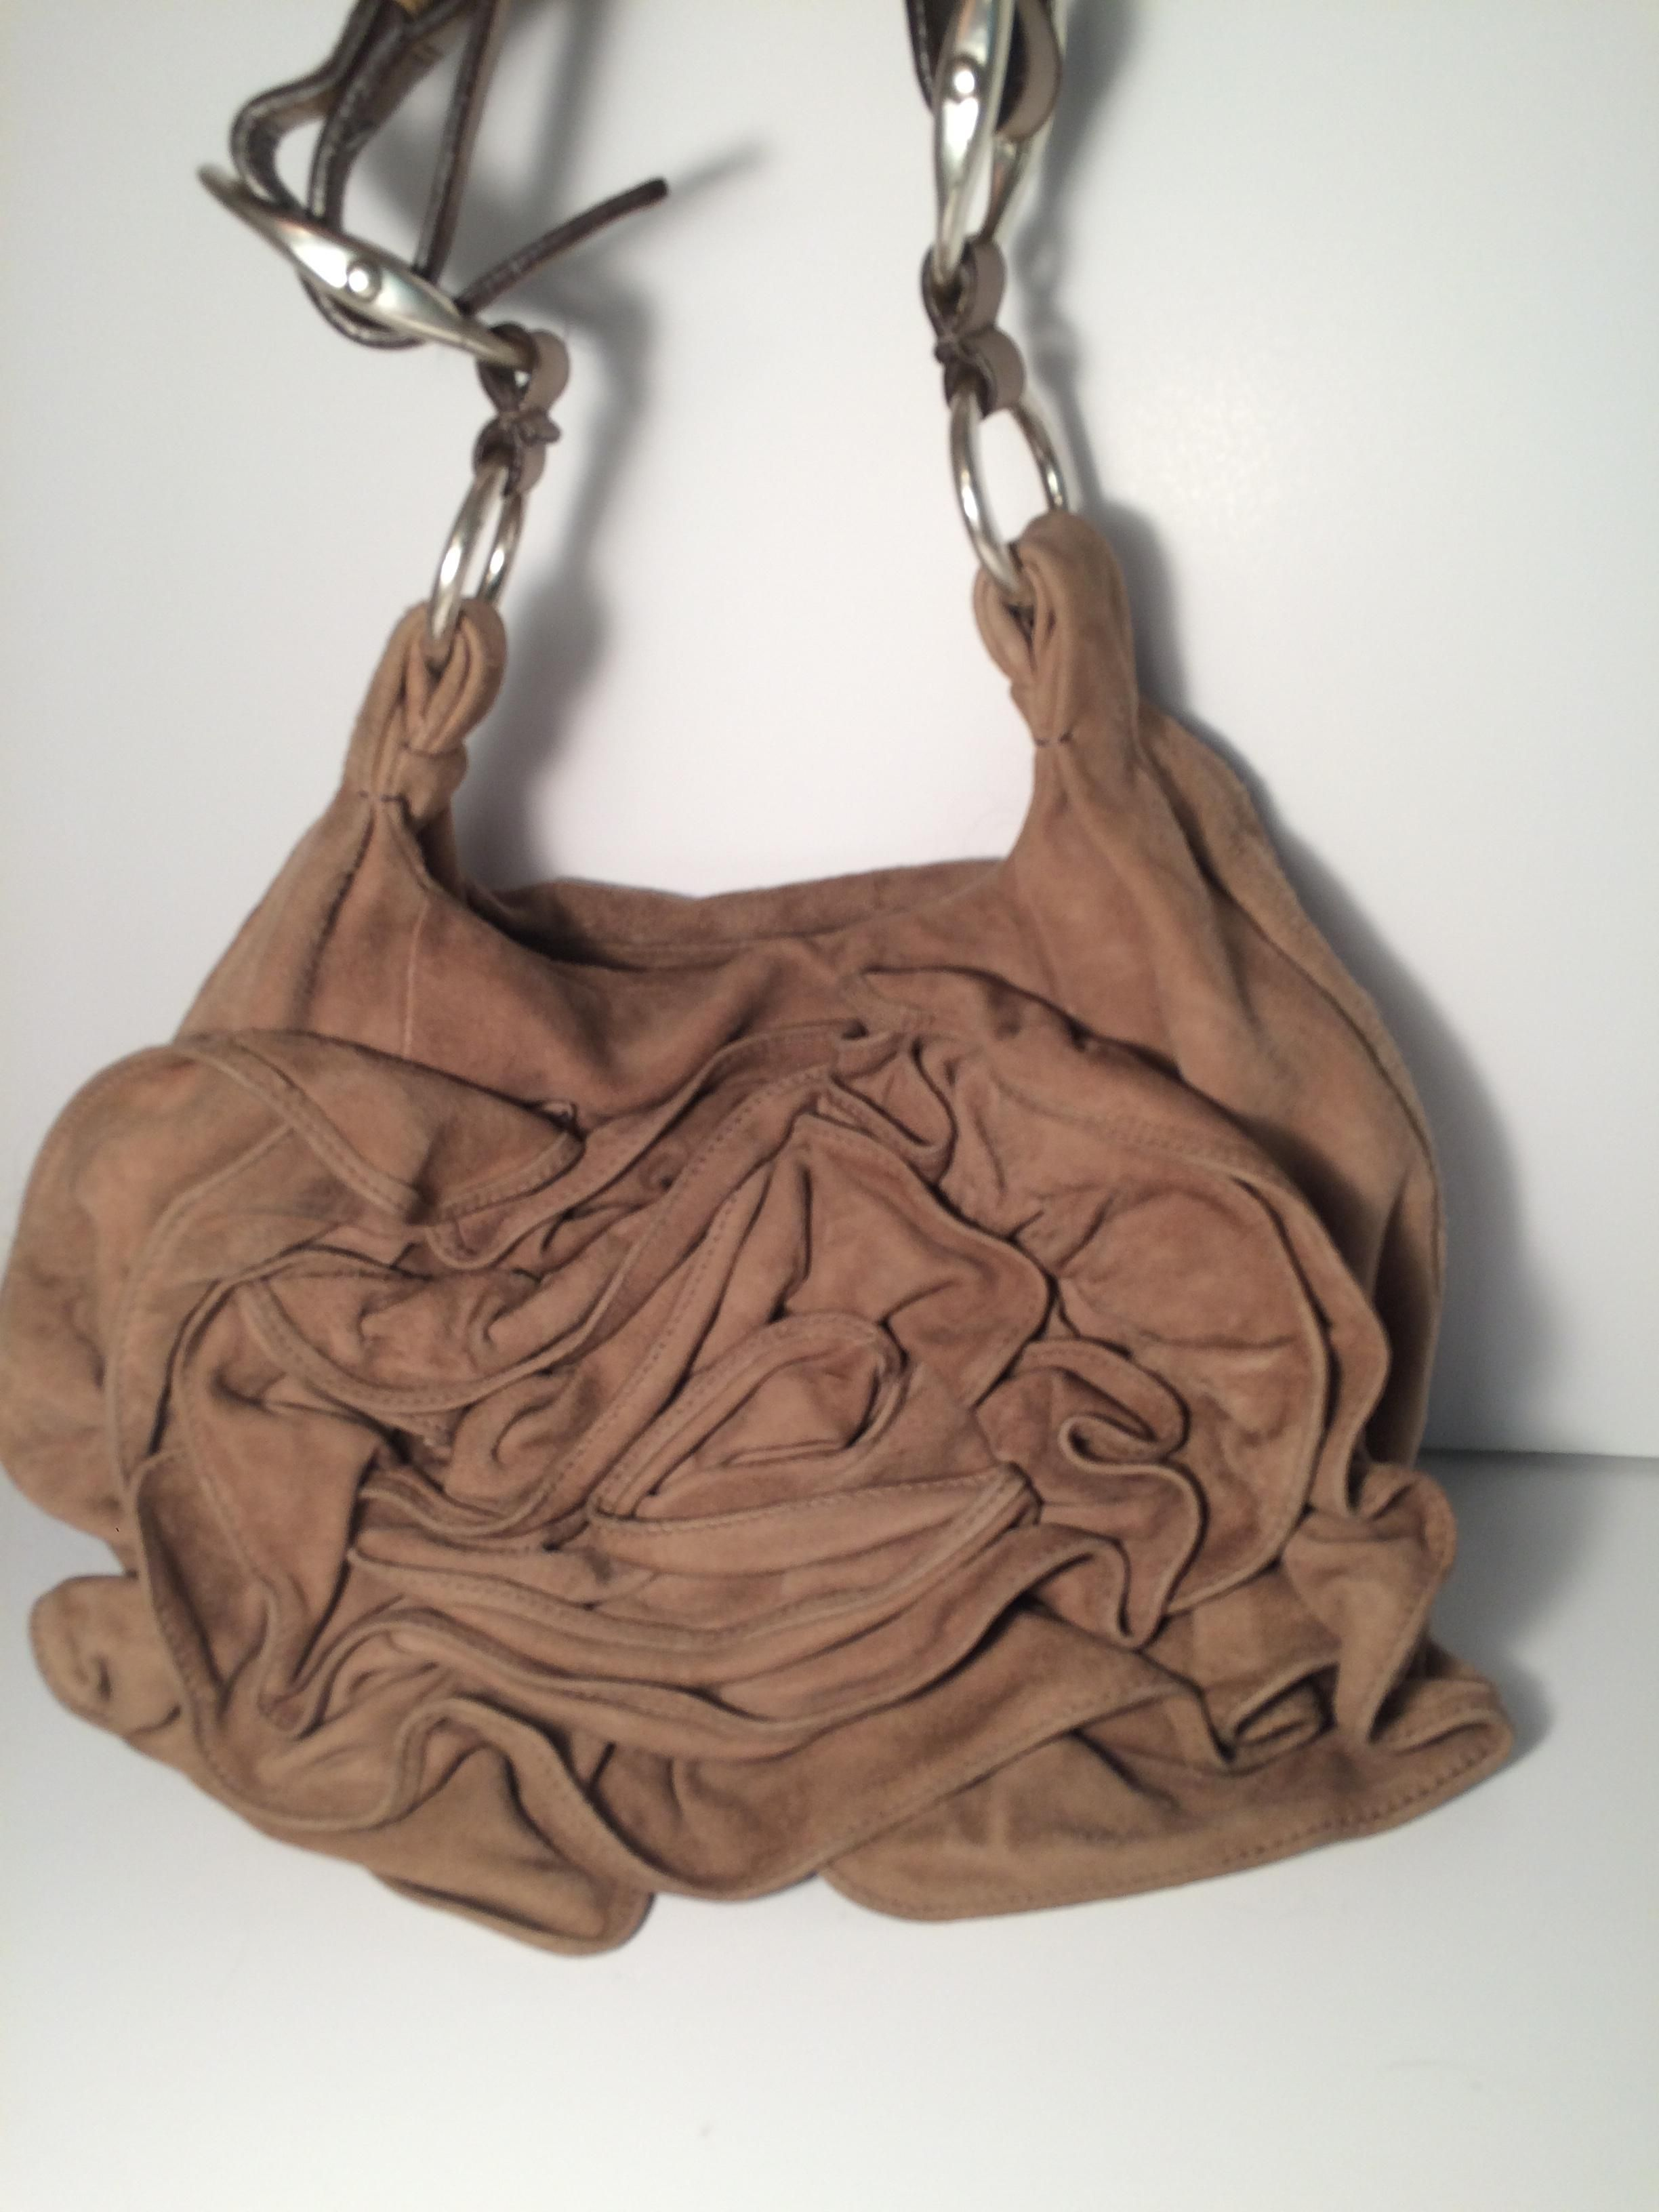 973b6180c73 Saint Laurent Ysl Nadja Rose Flower Shoulder Bag. Get one of the hottest  styles of the season! The Saint Laurent Ysl Nadja Rose Flower Shoulder…